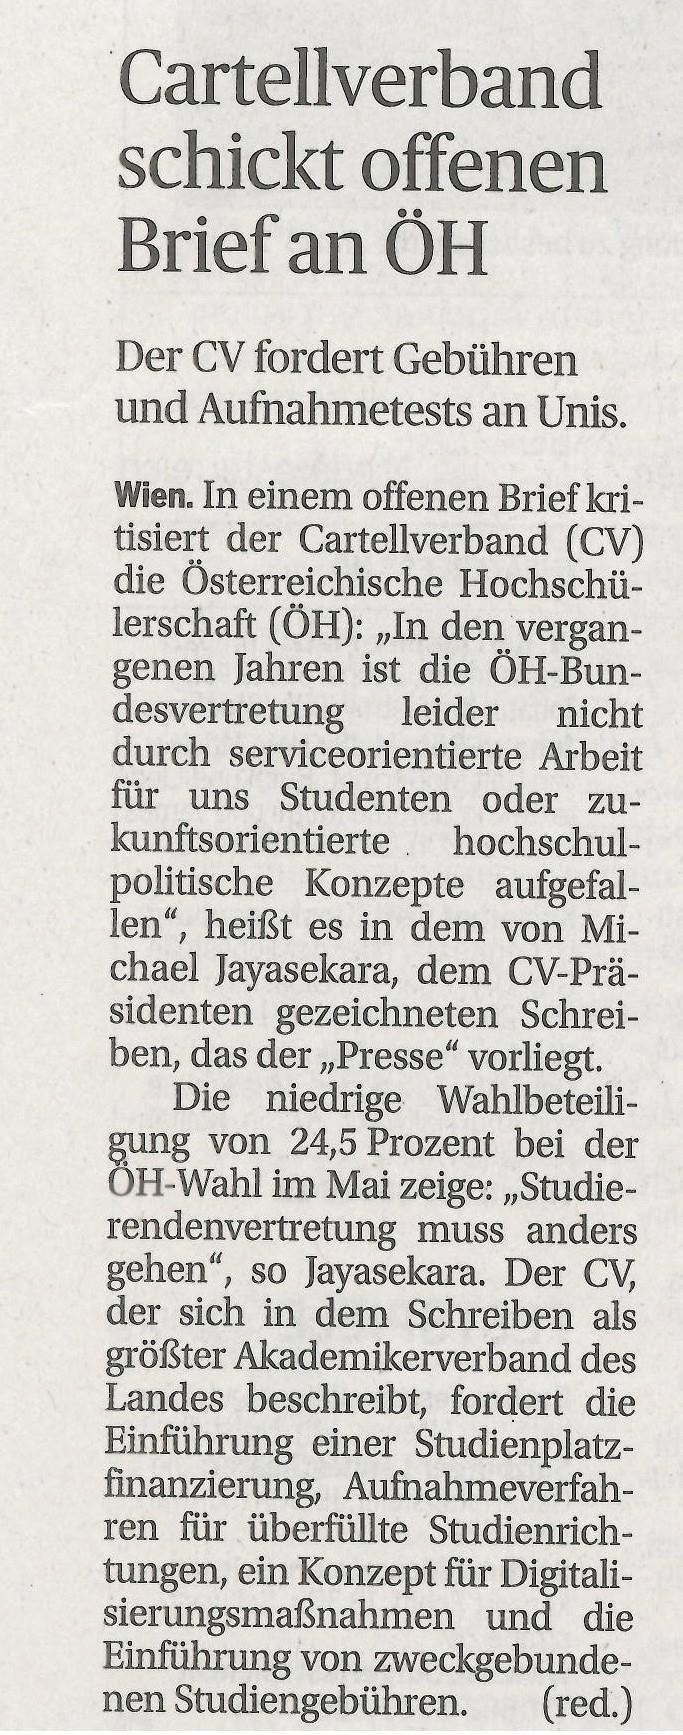 (c) Die Presse Printausgabe, 2. August 2017